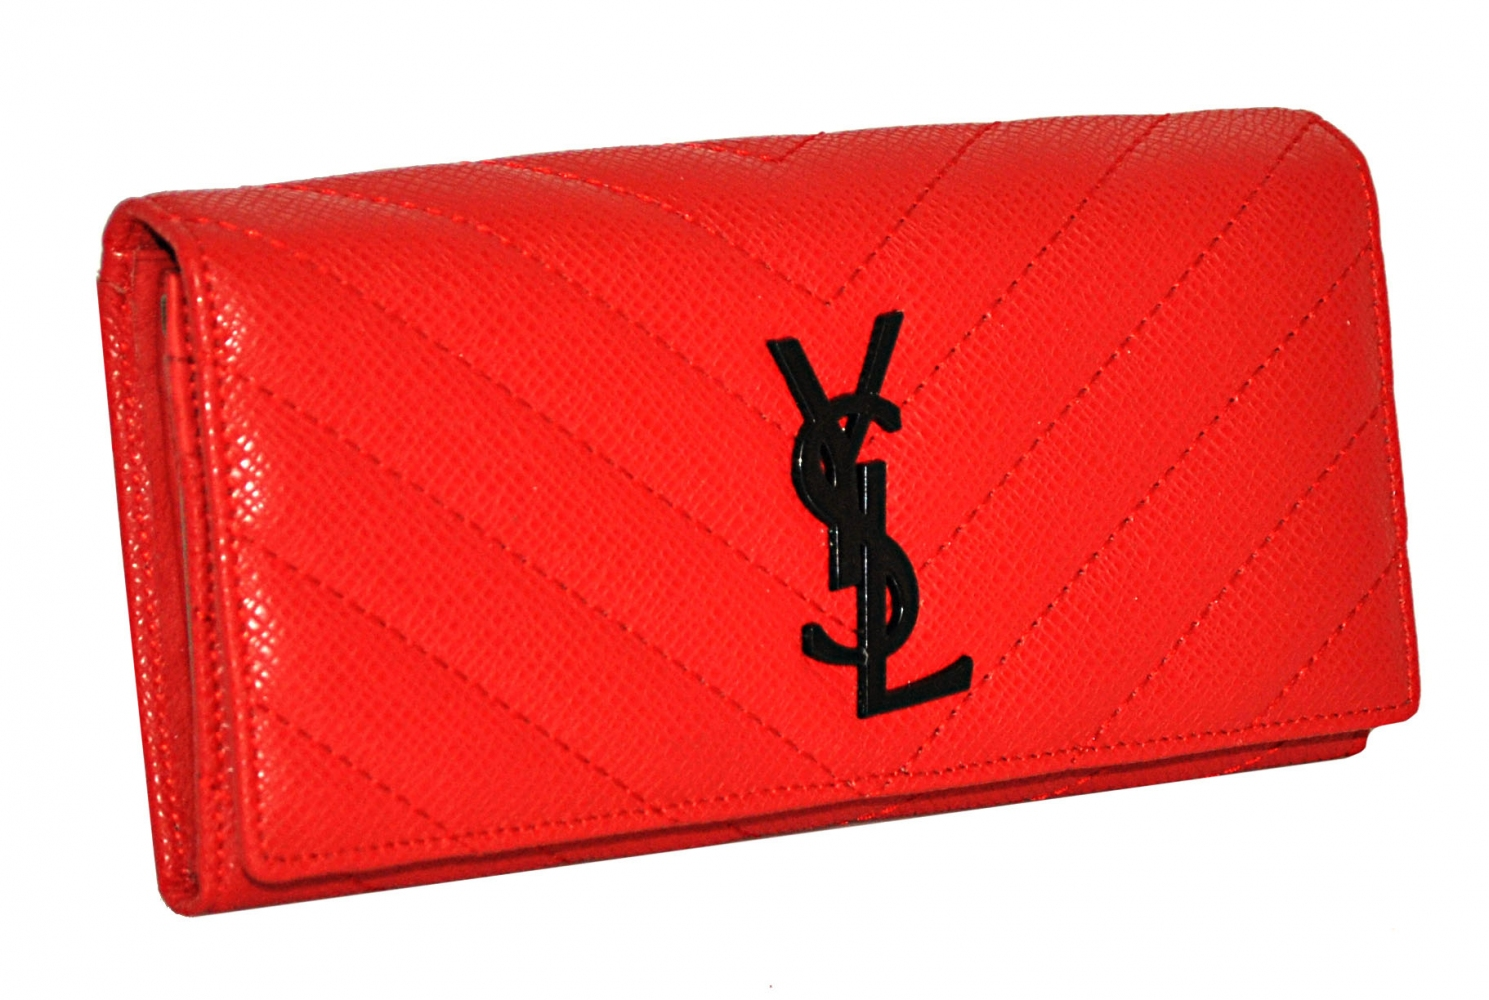 Купить красный женский кошелек 17099 c доставкой по Украине ... 1c29546d7c1